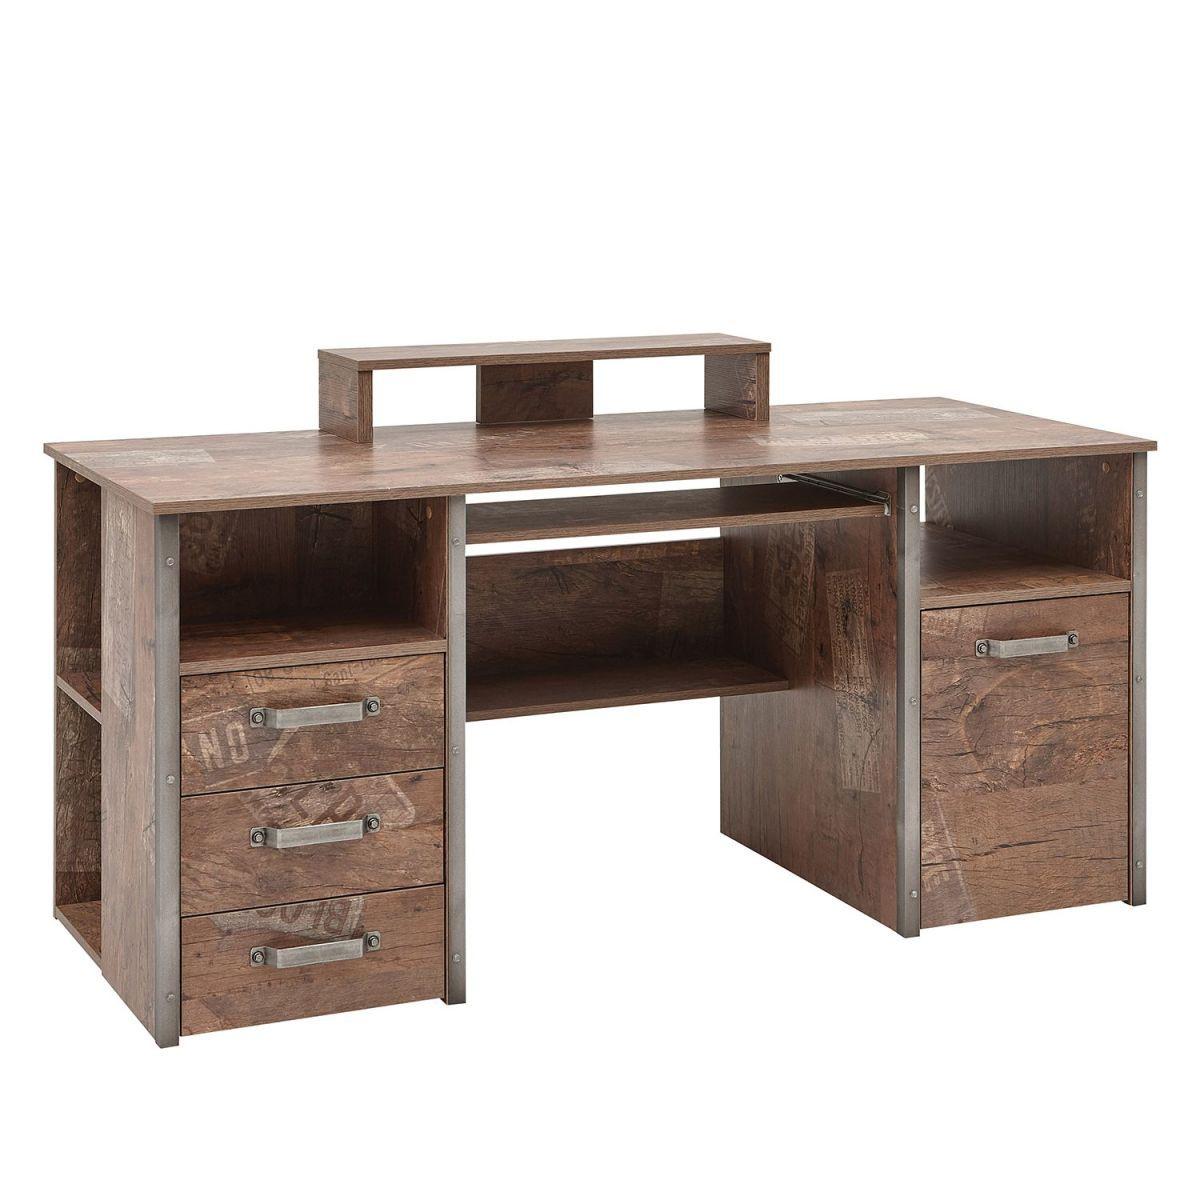 Schreibtisch Harkon I Eiche Panama Dekor Schildmeyer Jetzt Bestellen Unter Https Moebel Ladend Schreibtisch Mit Glasplatte Schreibtisch Schreibtisch Holz